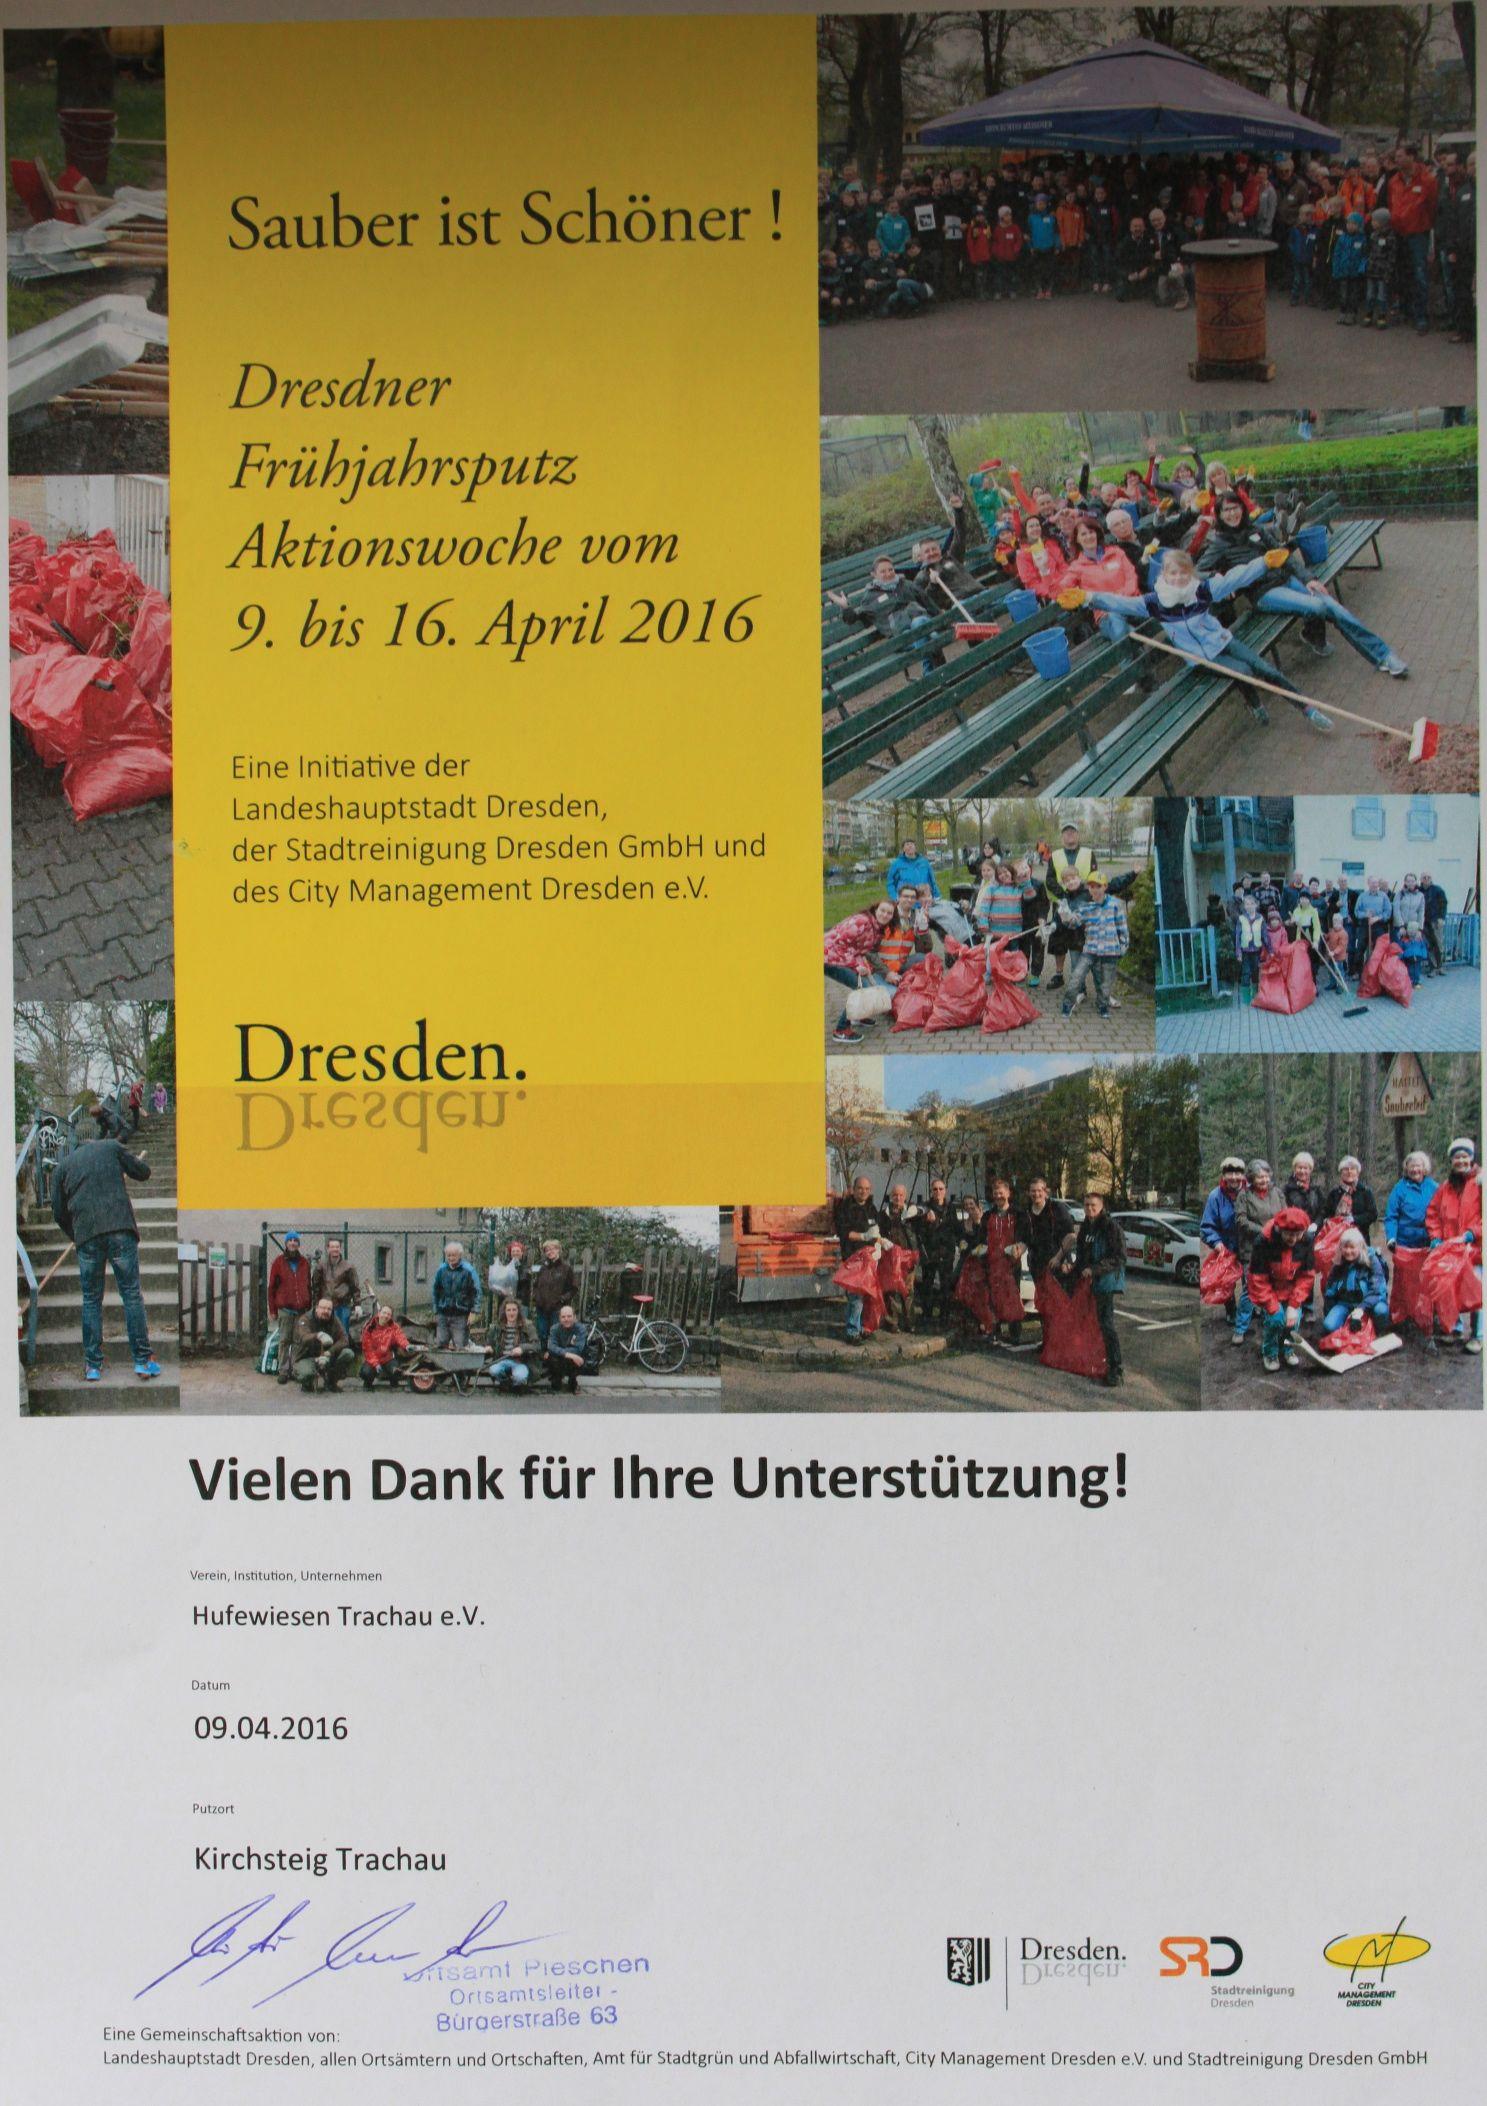 2016-04-09_kirchsteigputz_dank